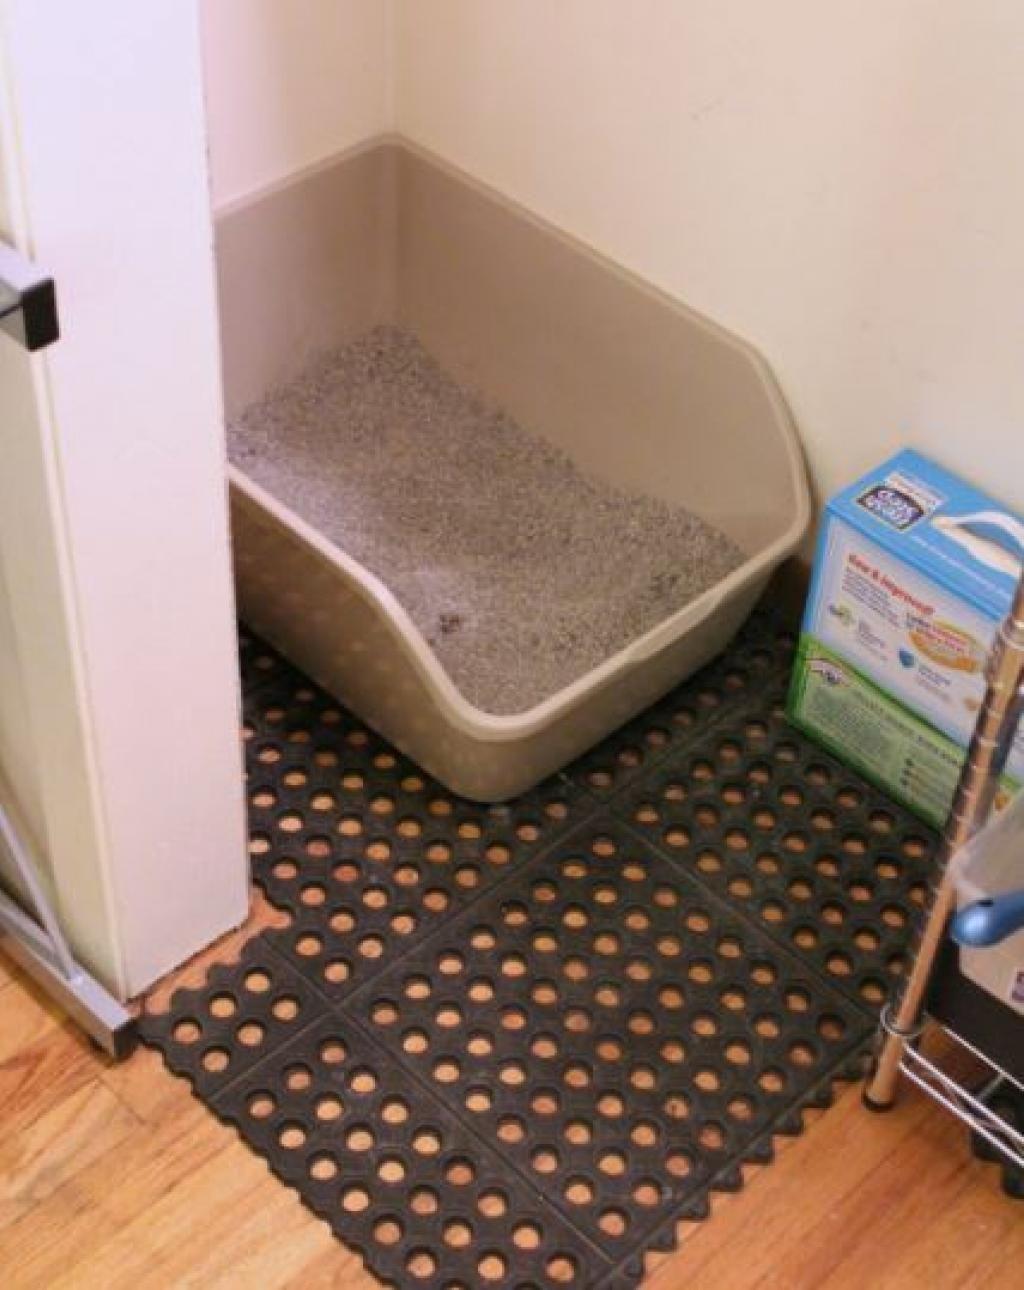 comment garder votre maison propre avec des animaux de compagnie 10 trucs essayer trucs et. Black Bedroom Furniture Sets. Home Design Ideas